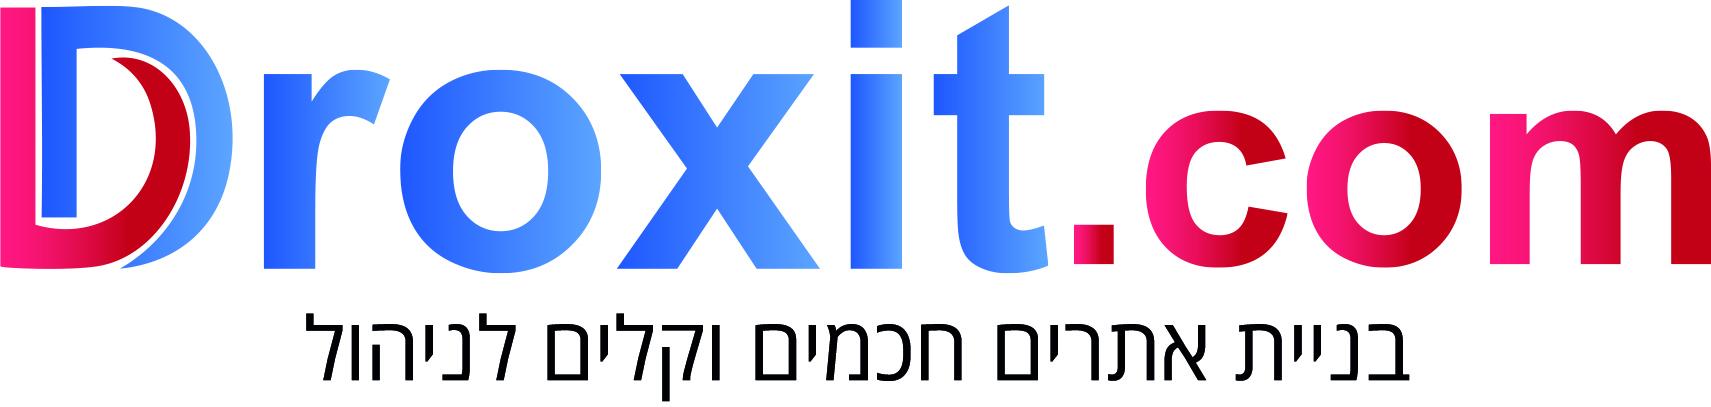 Droxit.com